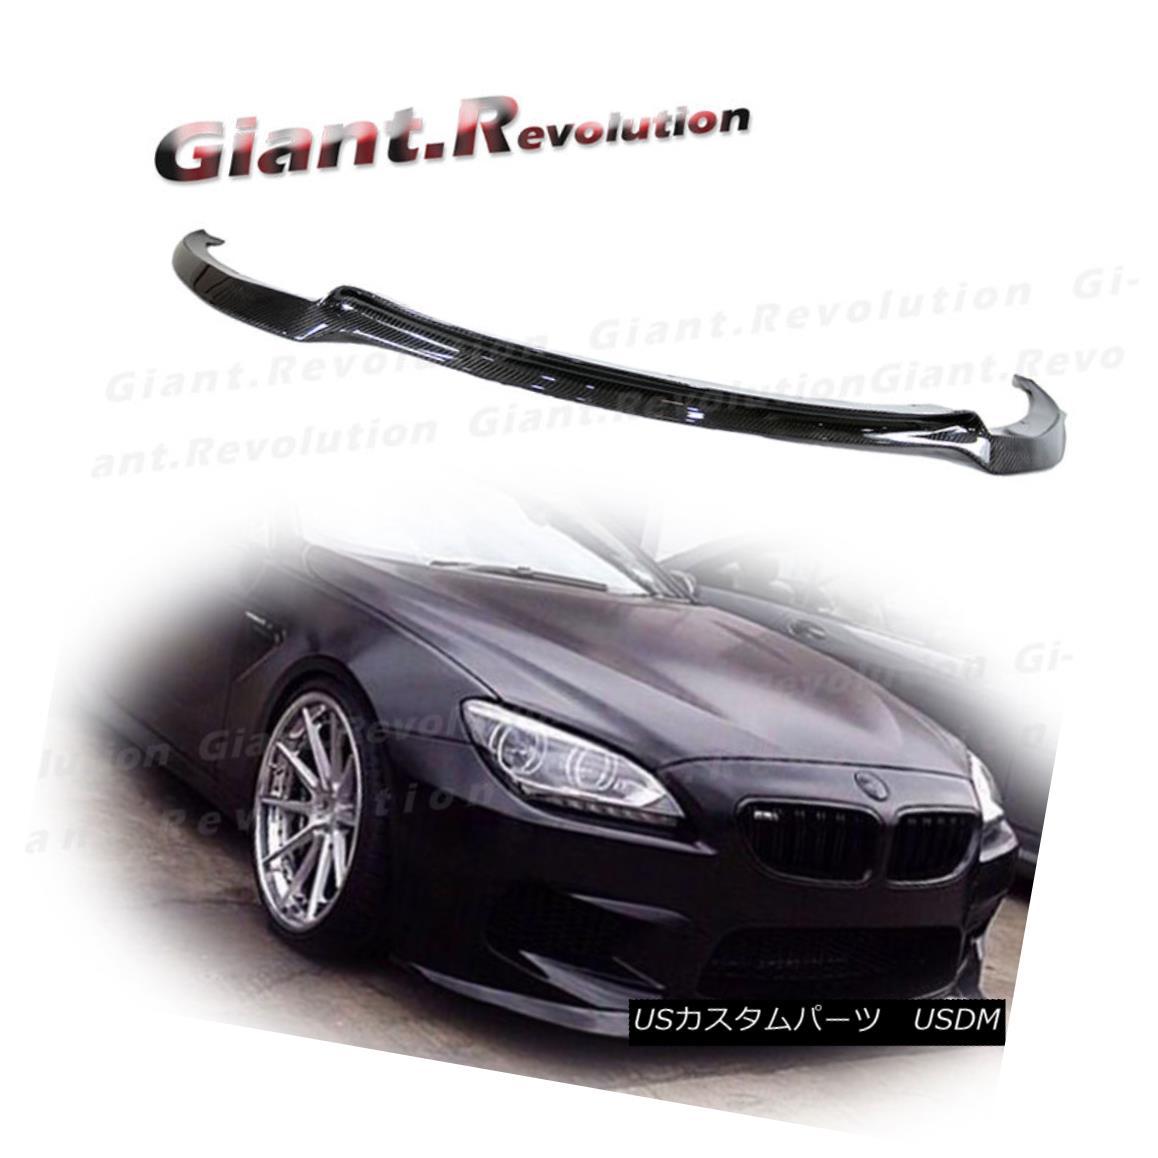 エアロパーツ For 2014UP BW F12 F13 M6 Bumper Carbon Fiber V Style Front Lower Spoiler Add Lip 2014UP BW用F12 F13 M6バンパーカーボンファイバーVスタイルフロントロワースポイラー追加リップ